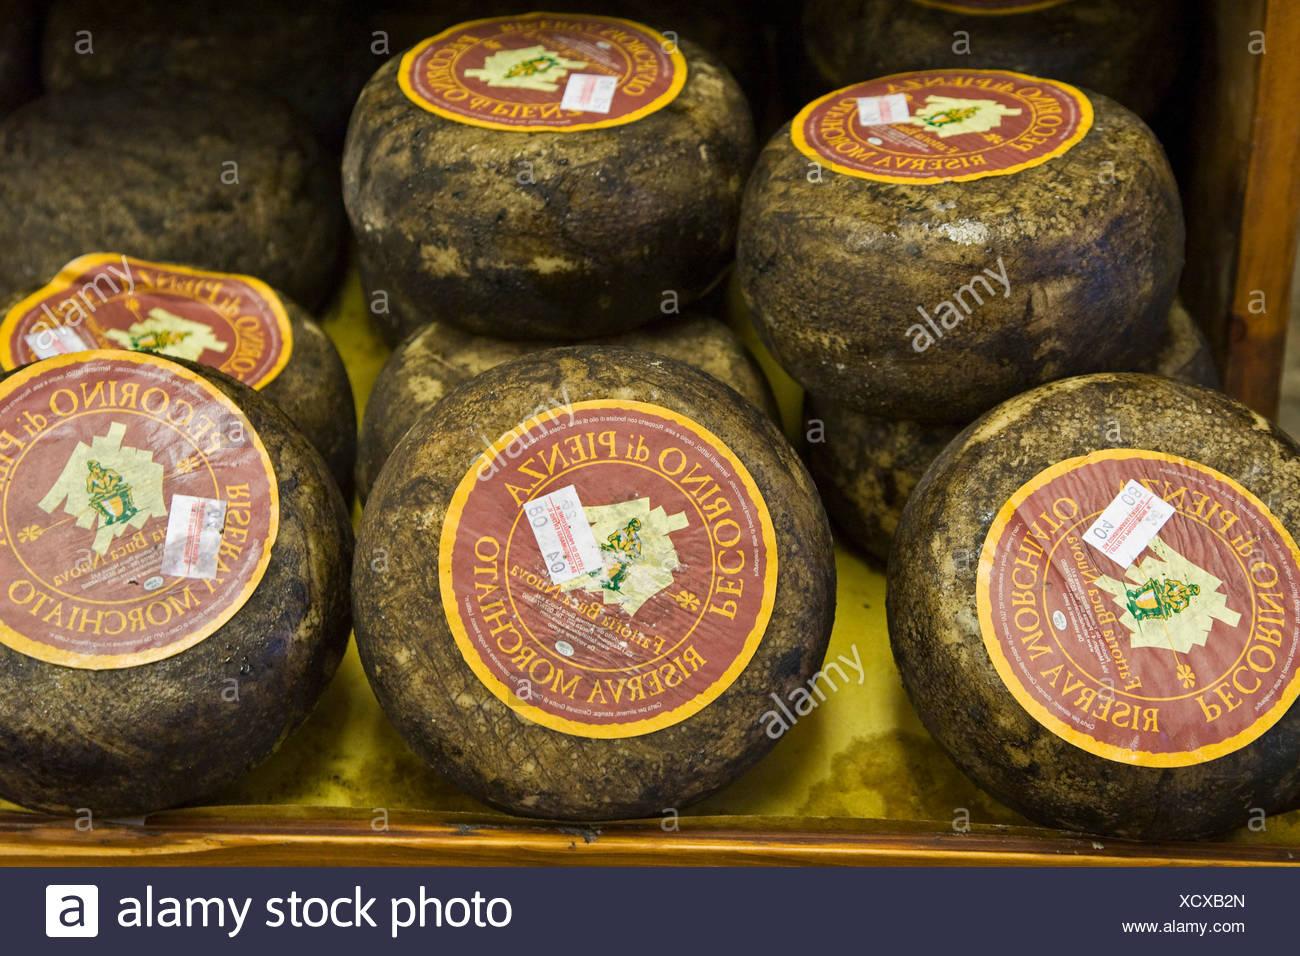 Pecorino Toscano cheese, Tuscan specialty, Tuscany, Italy, Europe - Stock Image